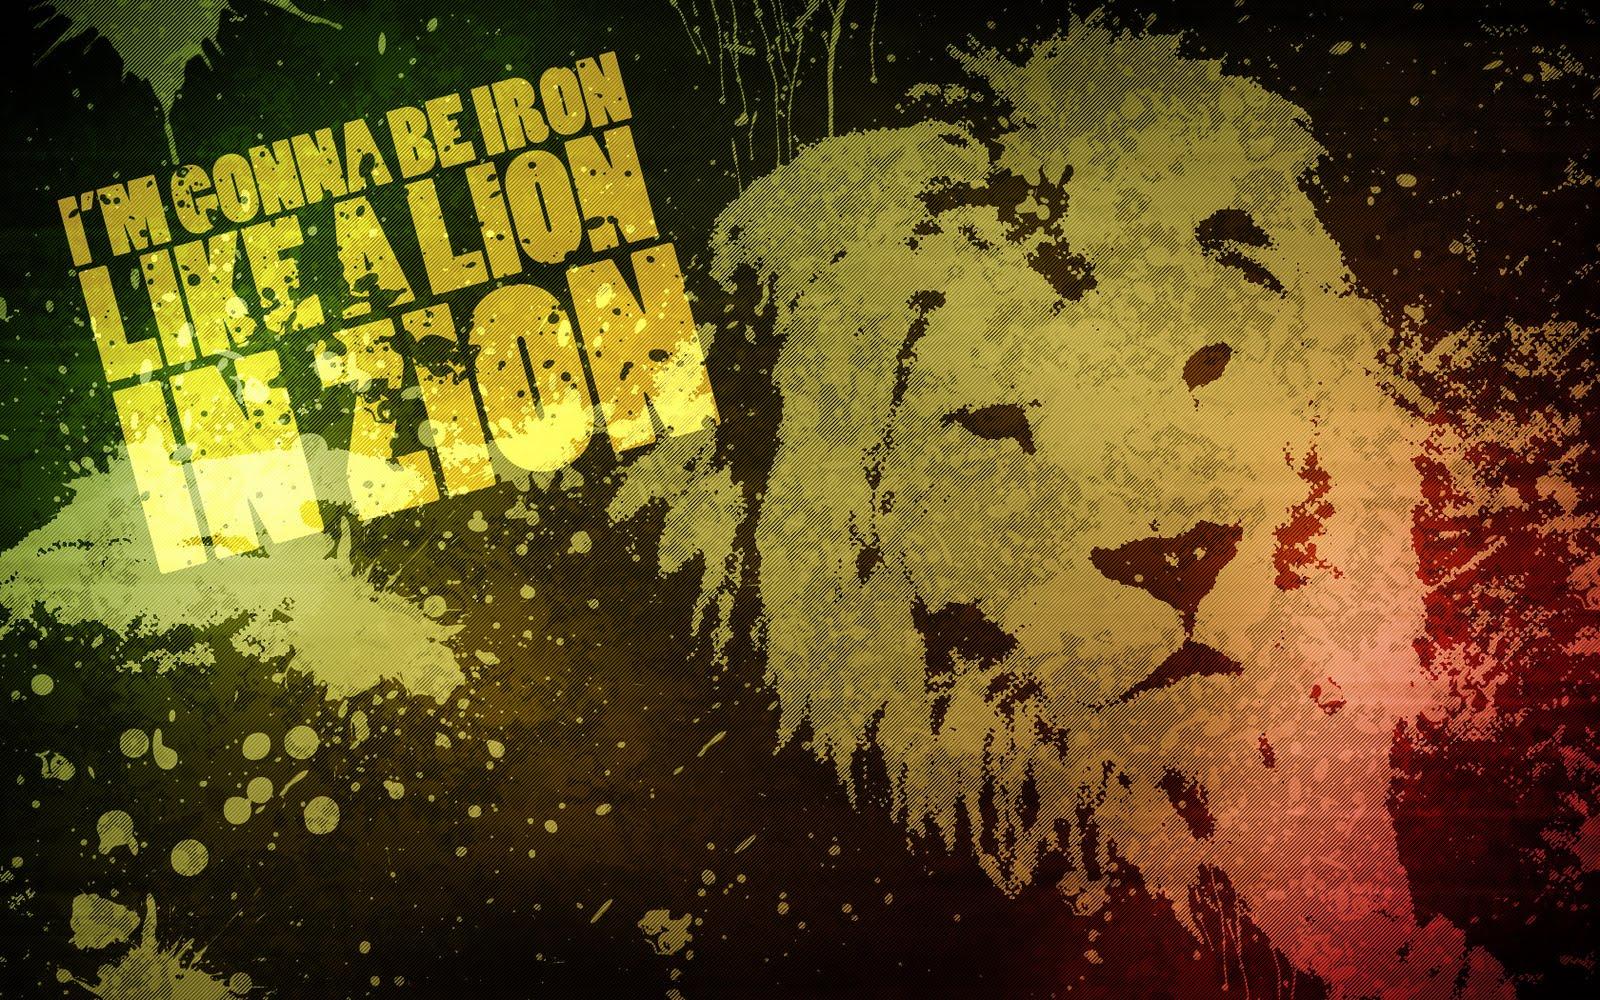 https://2.bp.blogspot.com/_2UbsSBz9ckE/Sw7kgDOVlnI/AAAAAAAAAdM/64E6qvN8PcM/s1600/Iron_Lion_Zion_hd_wallpaper.jpg